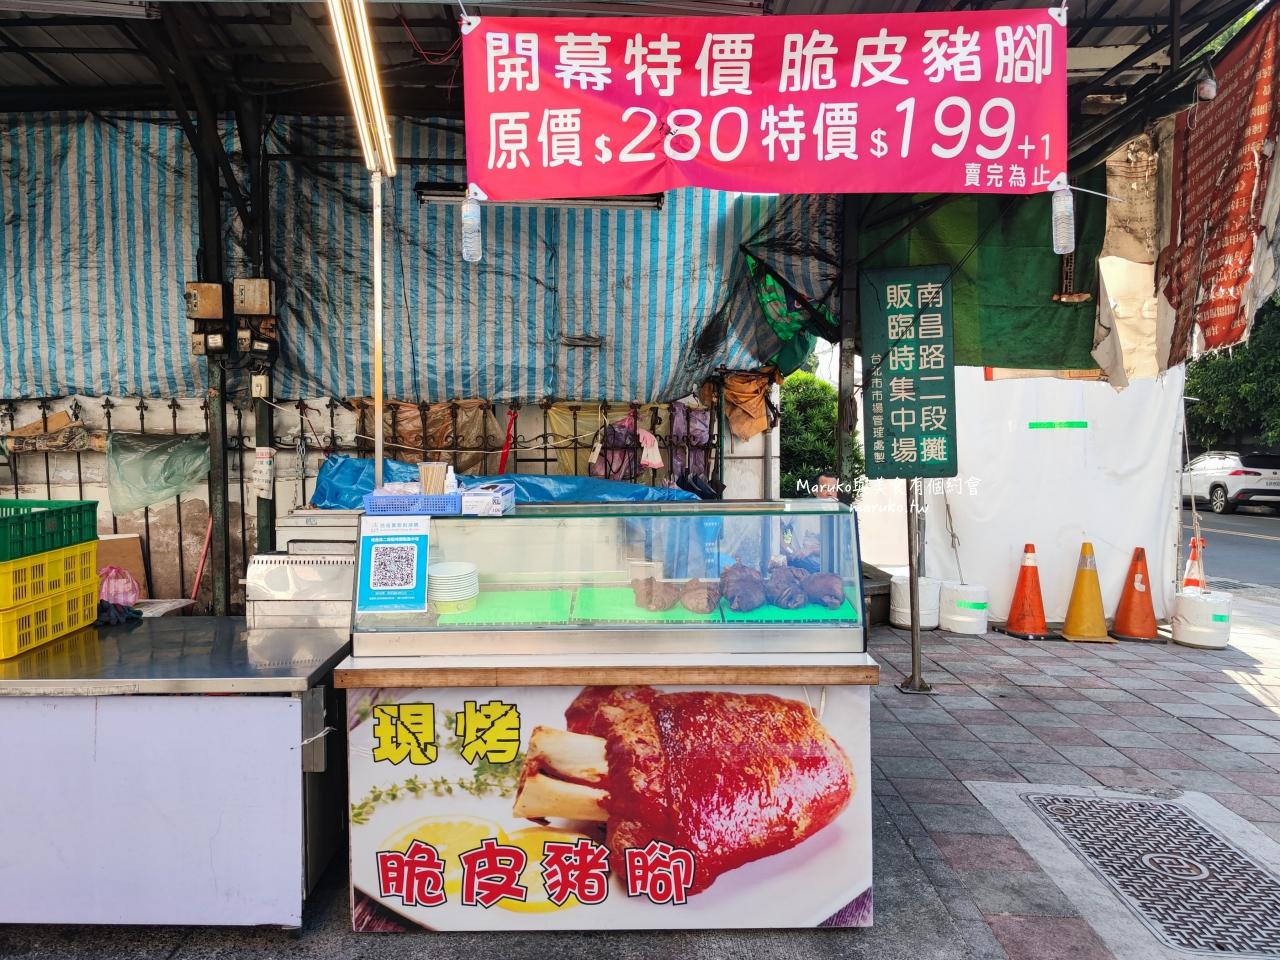 【台北】南昌路無名現烤脆皮德國豬腳 只要199+1元 每日限量20個 晚來就買不到 @Maruko與美食有個約會